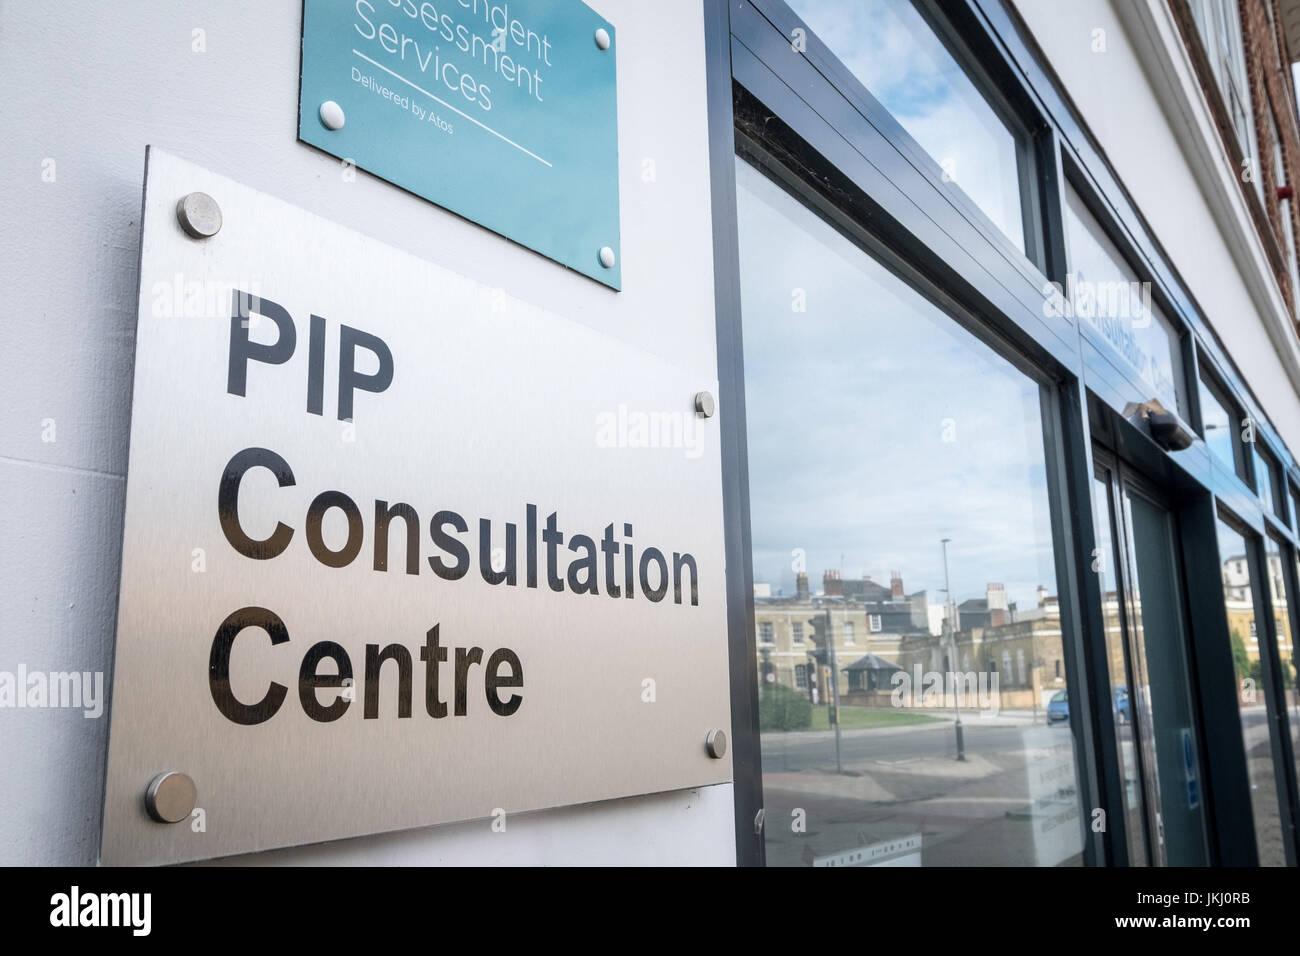 PIP ( independencia personal pagos ) Centro de Consulta, Southampton, Hampshire, Reino Unido Imagen De Stock